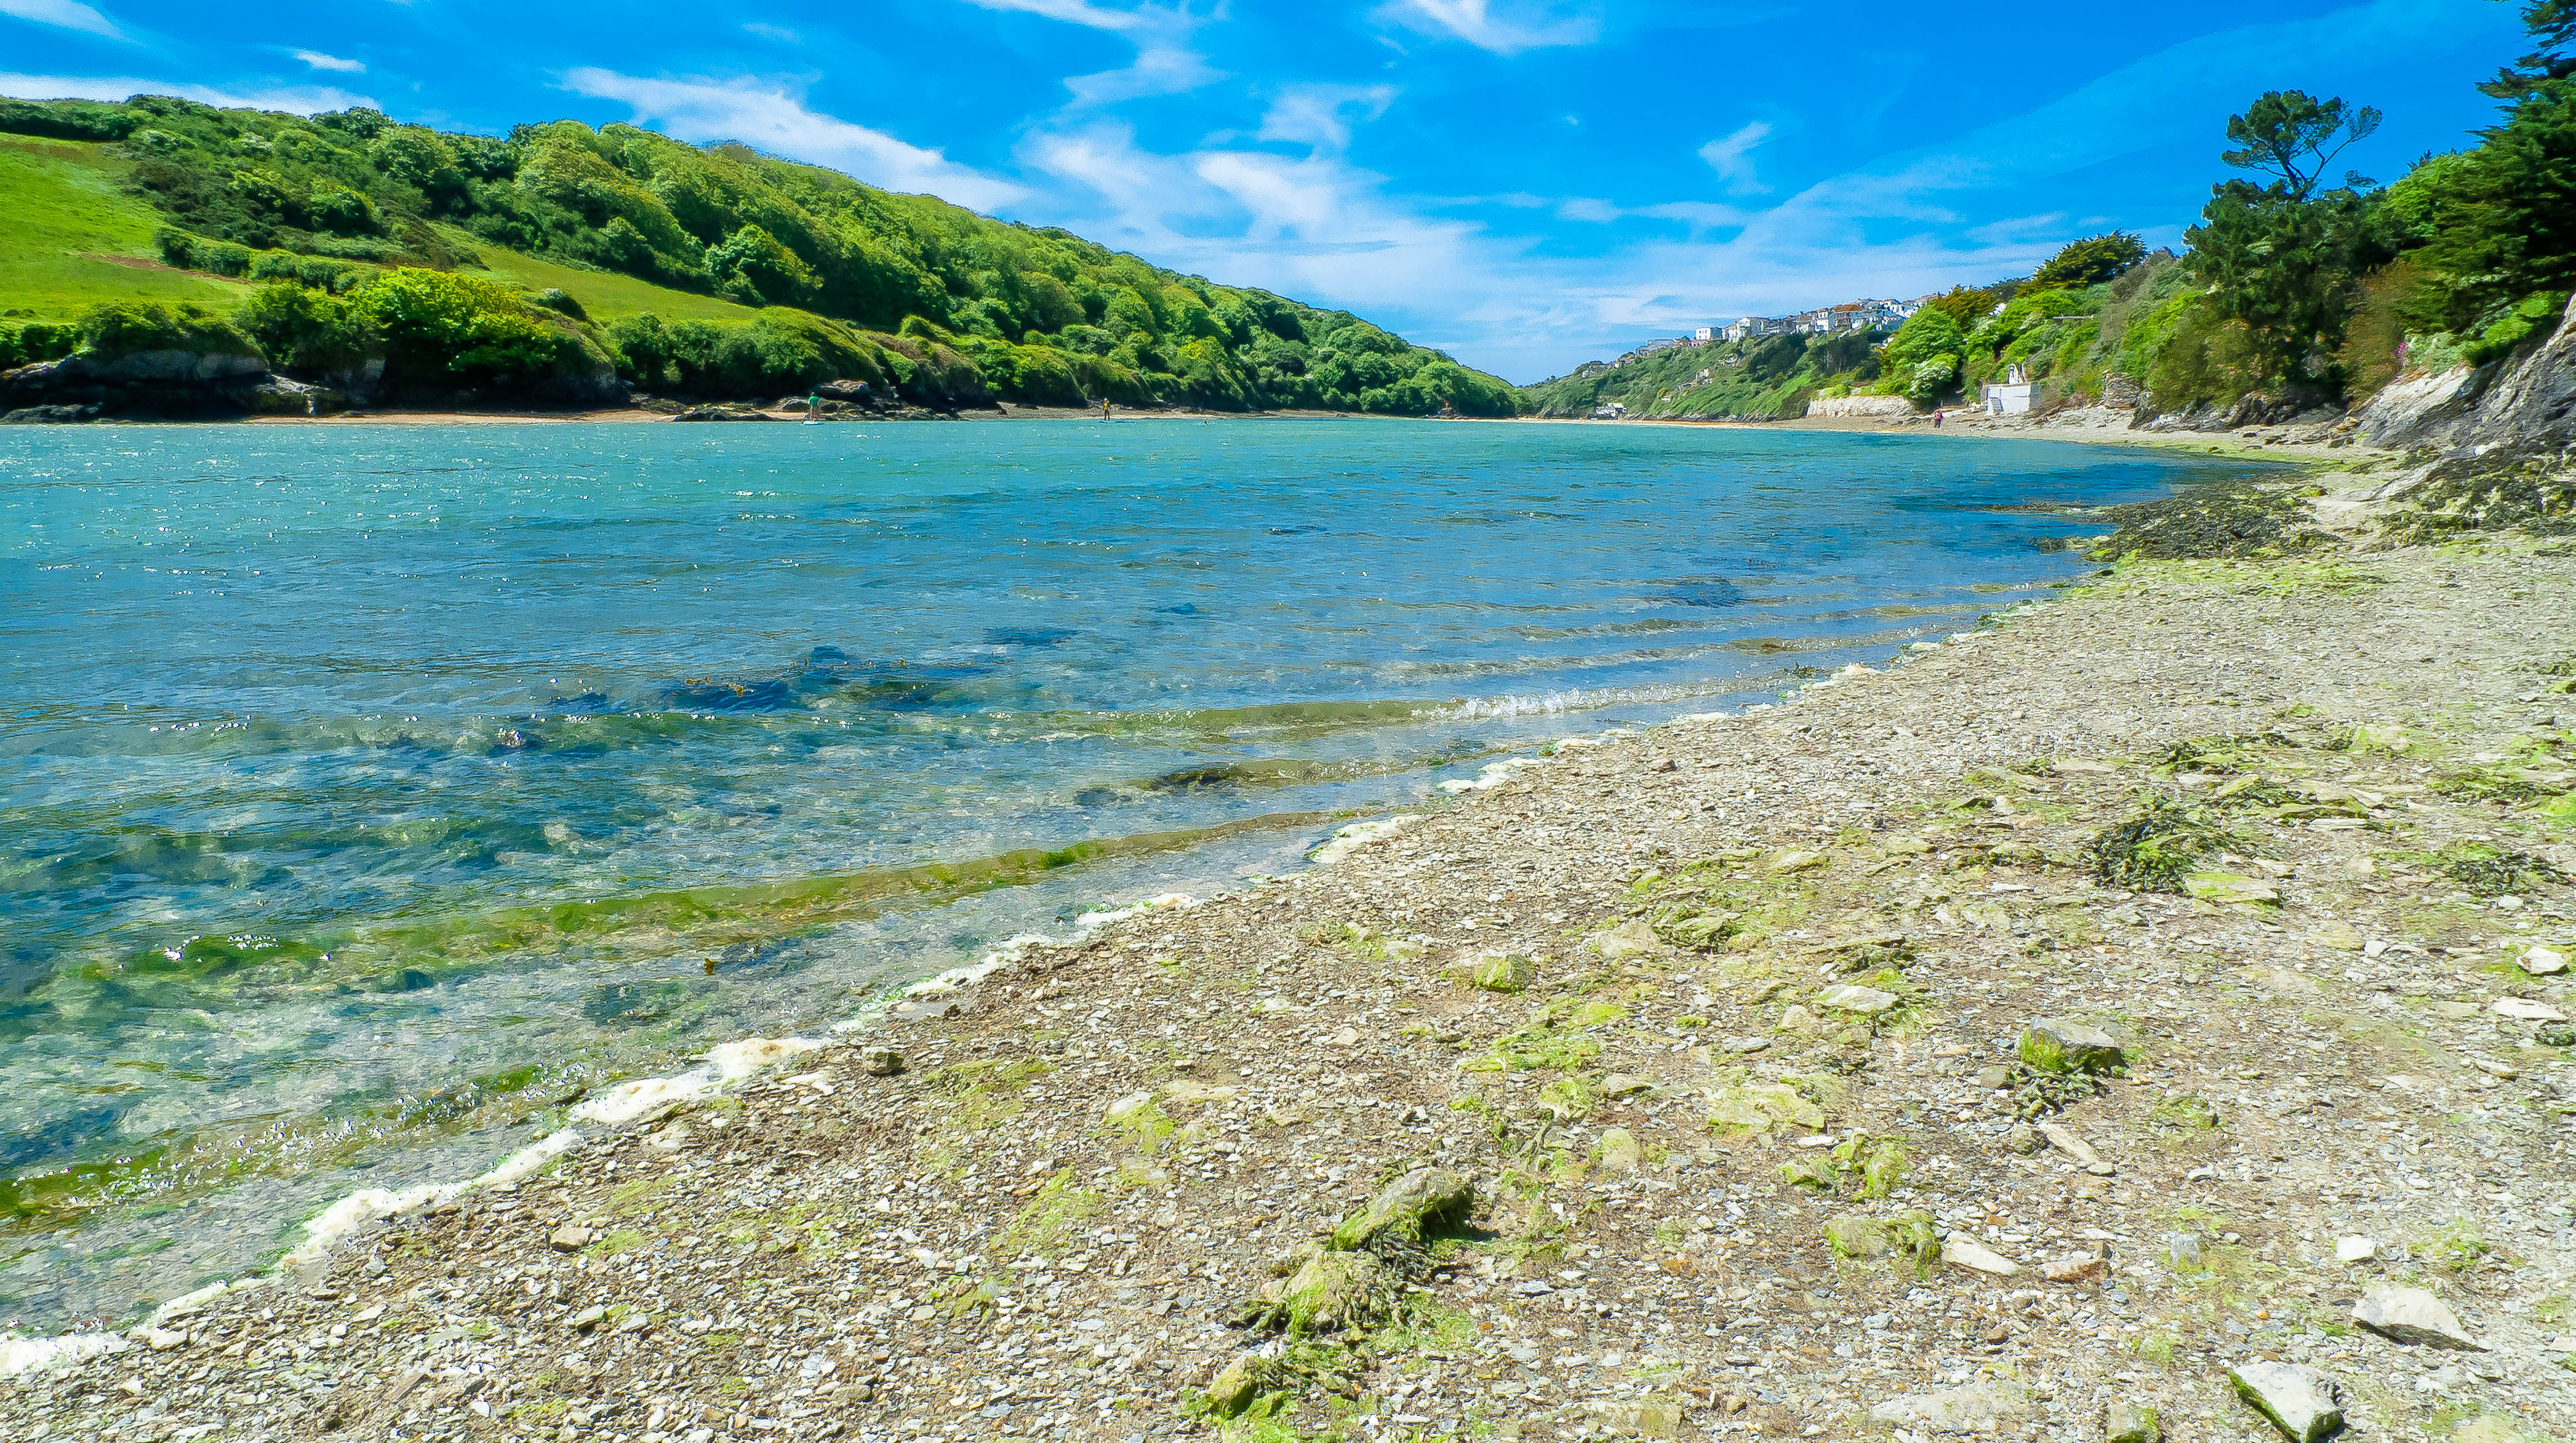 The scenic Gannel river